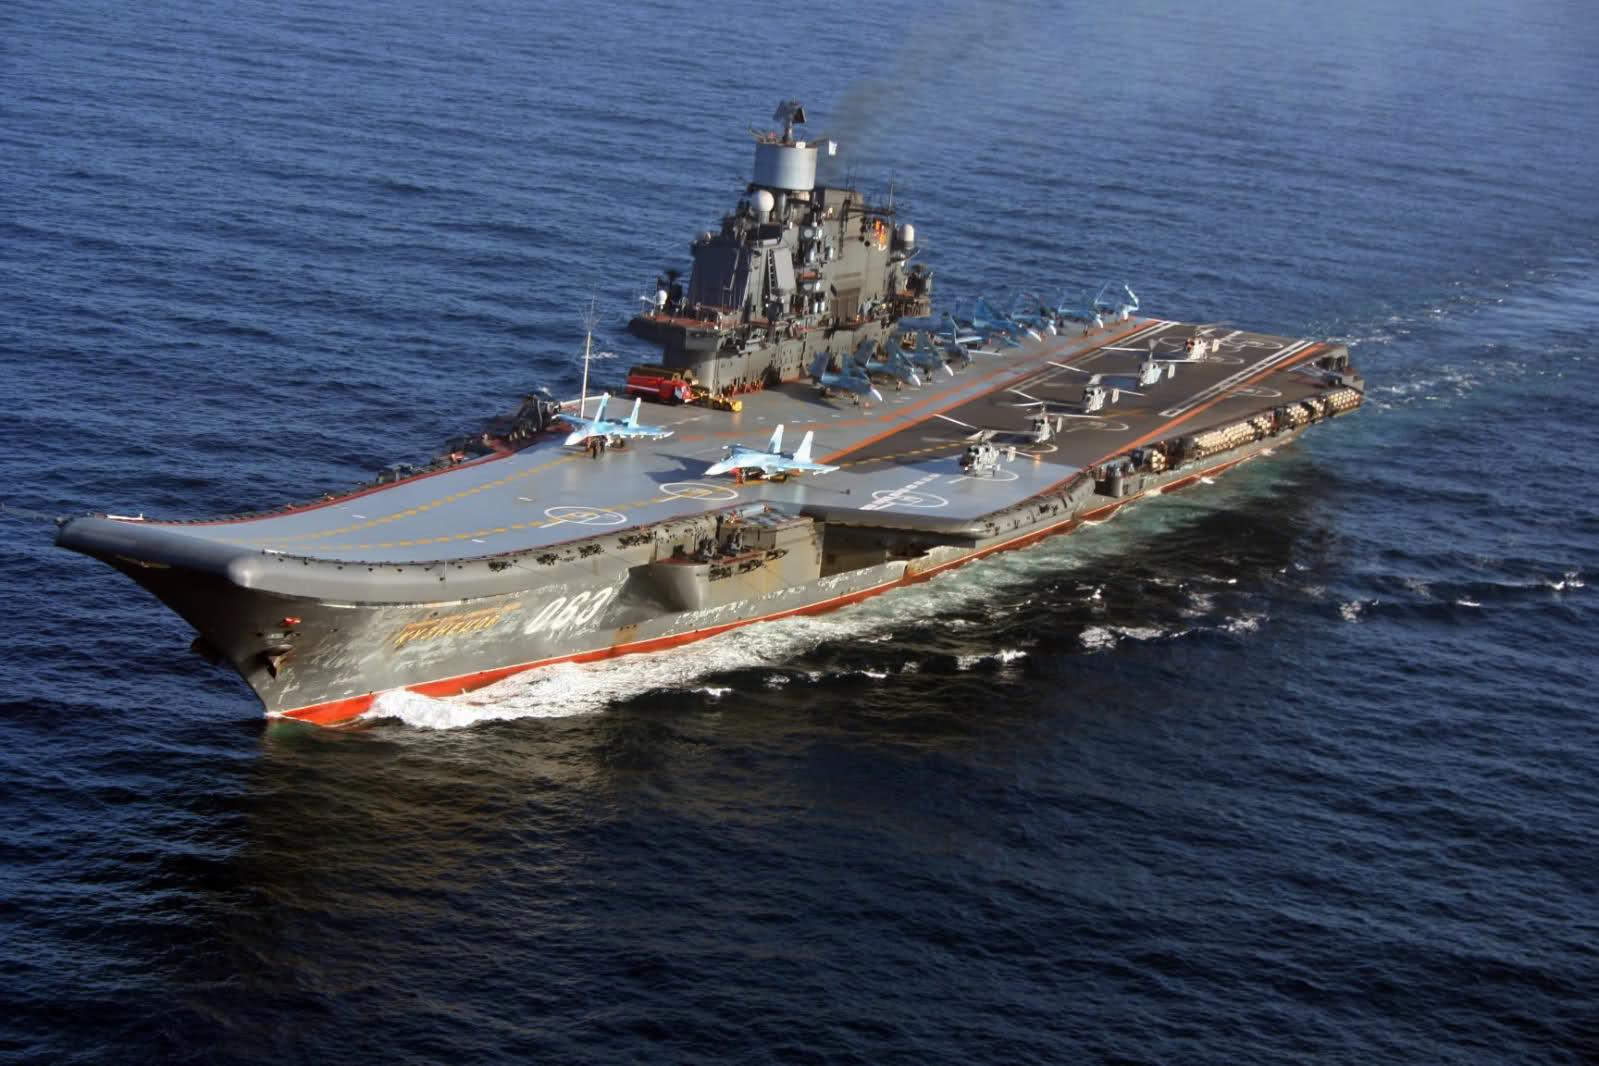 услугам фотографии современных кораблей вмф россии этом видео